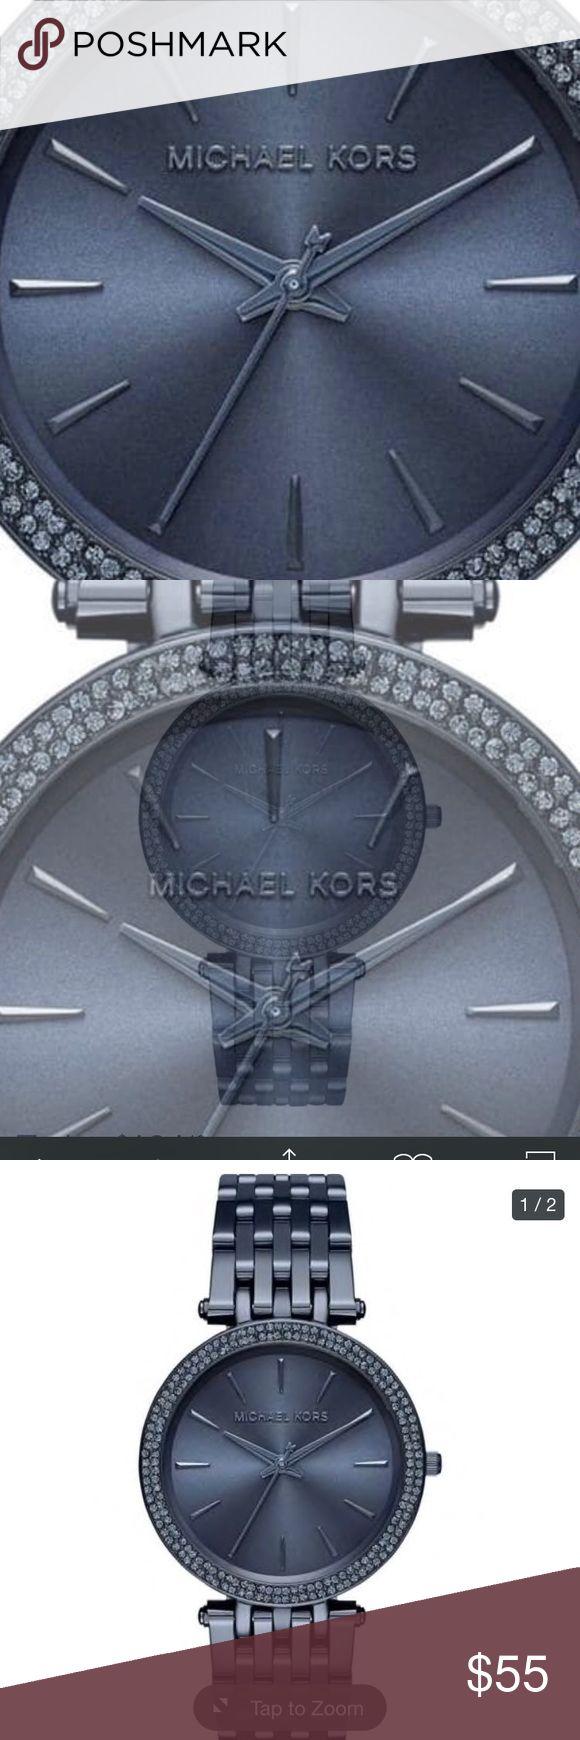 Michael Kors Women's 'Darci' Crystal Blue Watch Michael Kors Women's MK3417 'Darci' Crystal Blue Stainless Steel Watch Michael Kors Jewelry